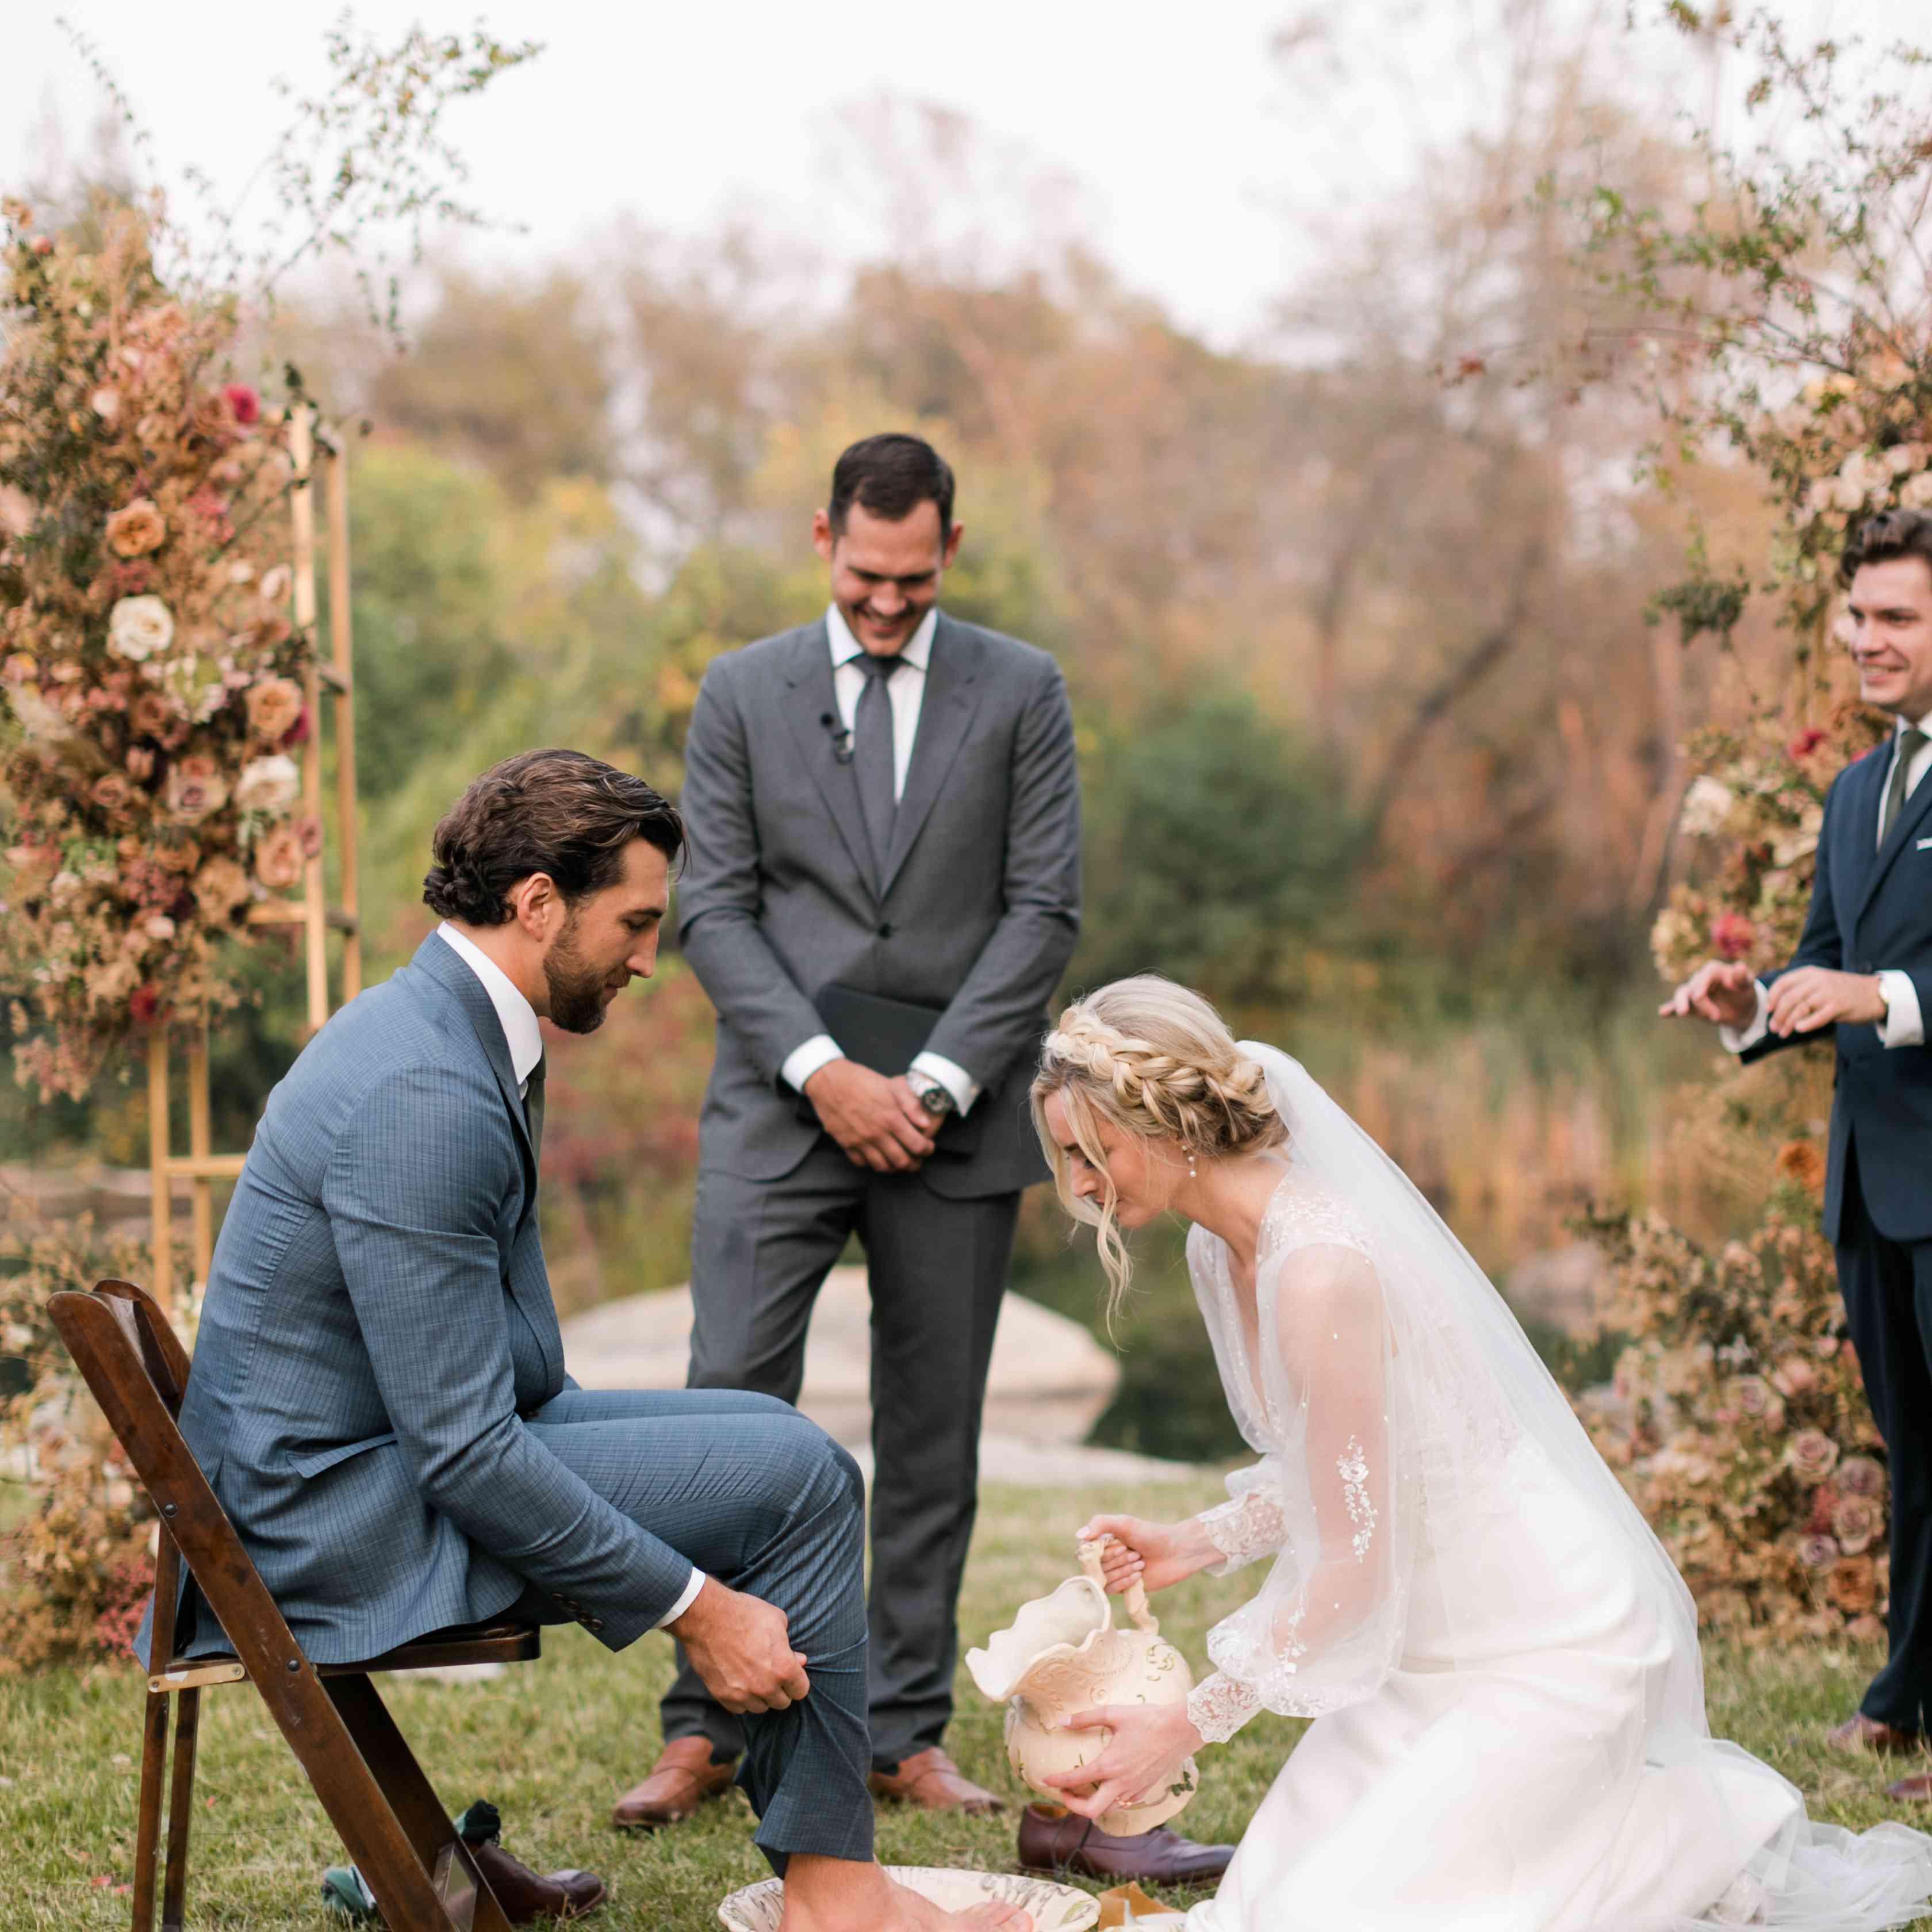 bride washing groom's feet